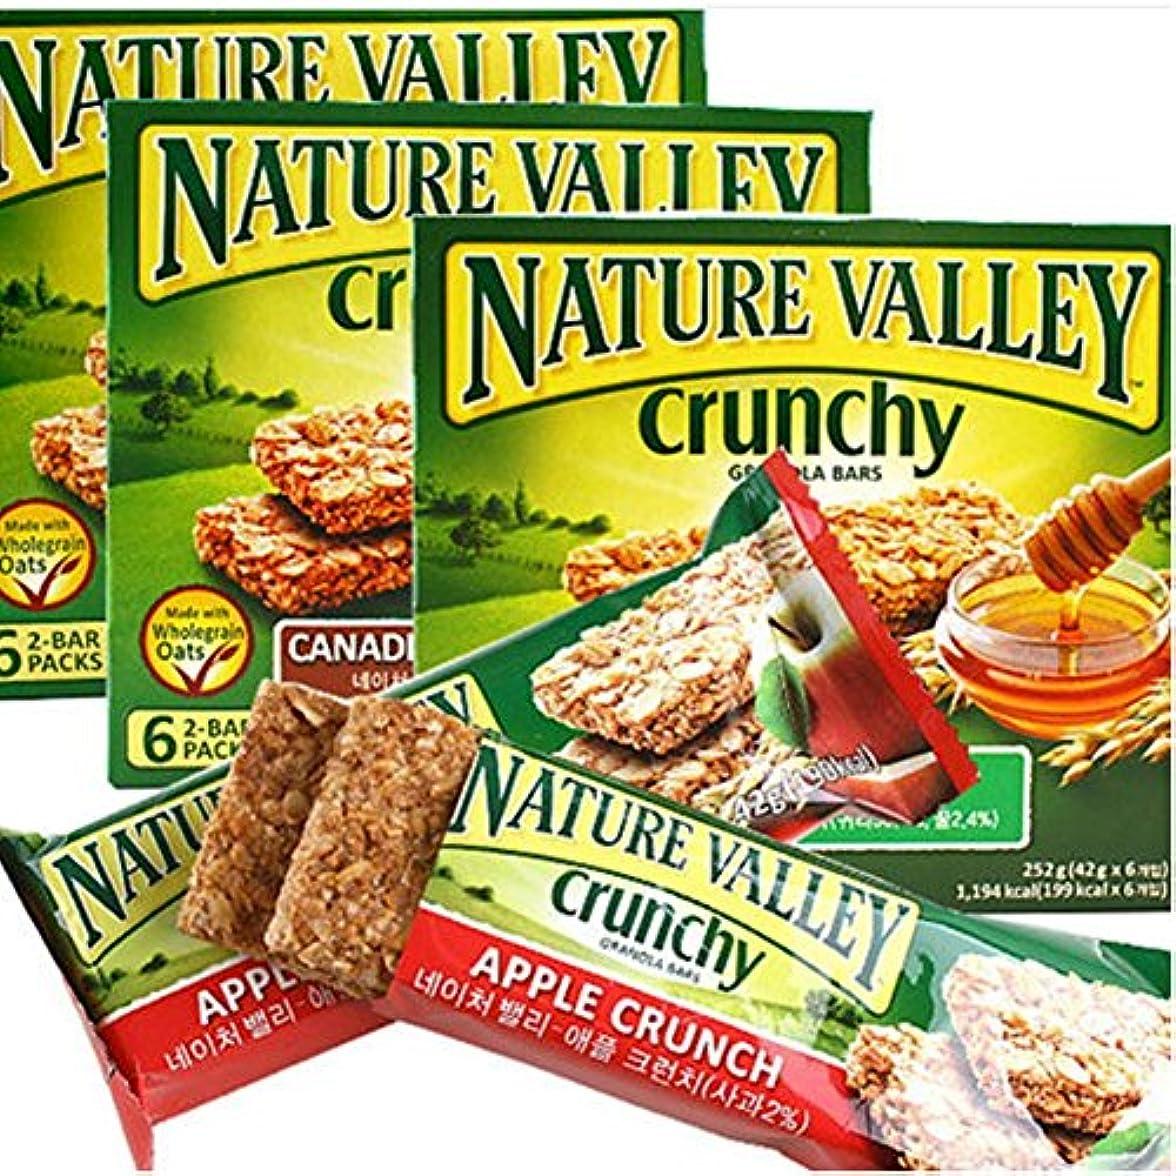 ロバ湖矢じり[ネイチャーバレー/Nature Valley] CANADIAN MAPLE SYRUP/ネイチャーバレークランチグラノーラバー42g5パックx3 Box - メープルシロップ(合計15袋)穀物バー/シリアル/栄養のバー...